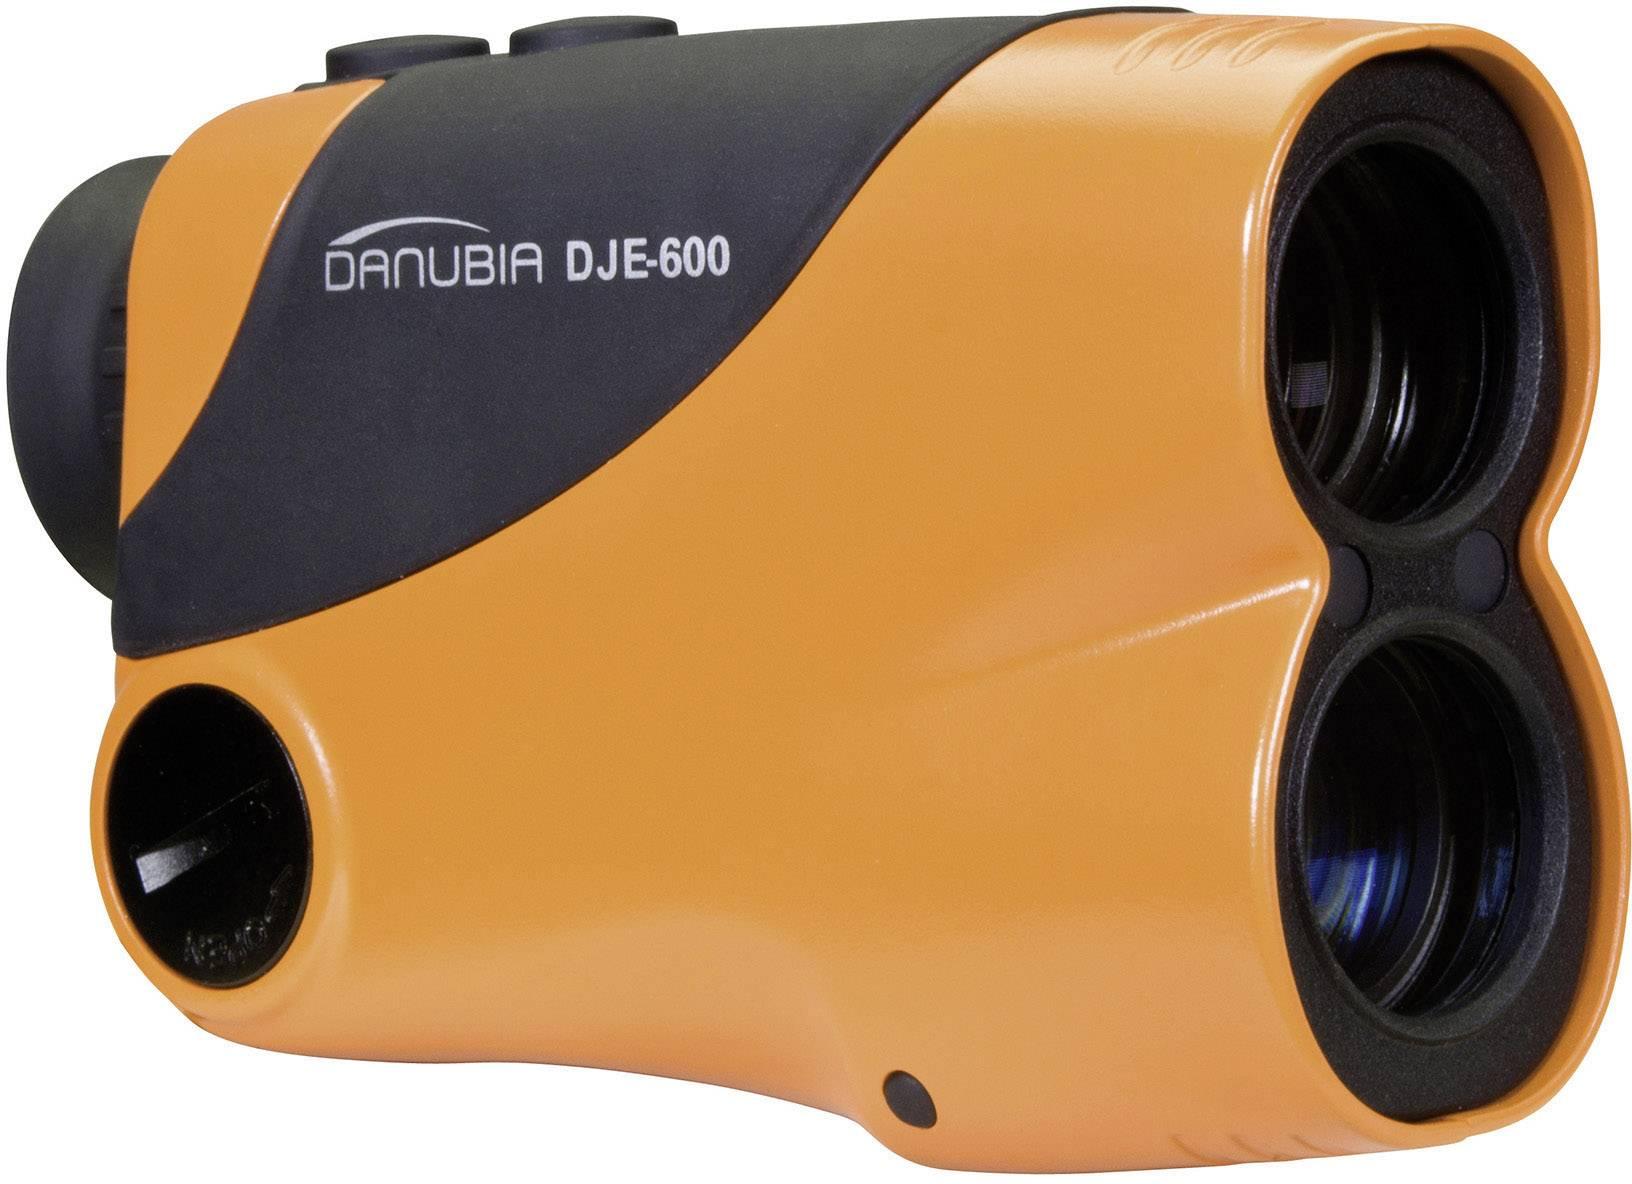 Nikon Entfernungsmesser Kaufen : Entfernungsmesser online kaufen mediamarkt